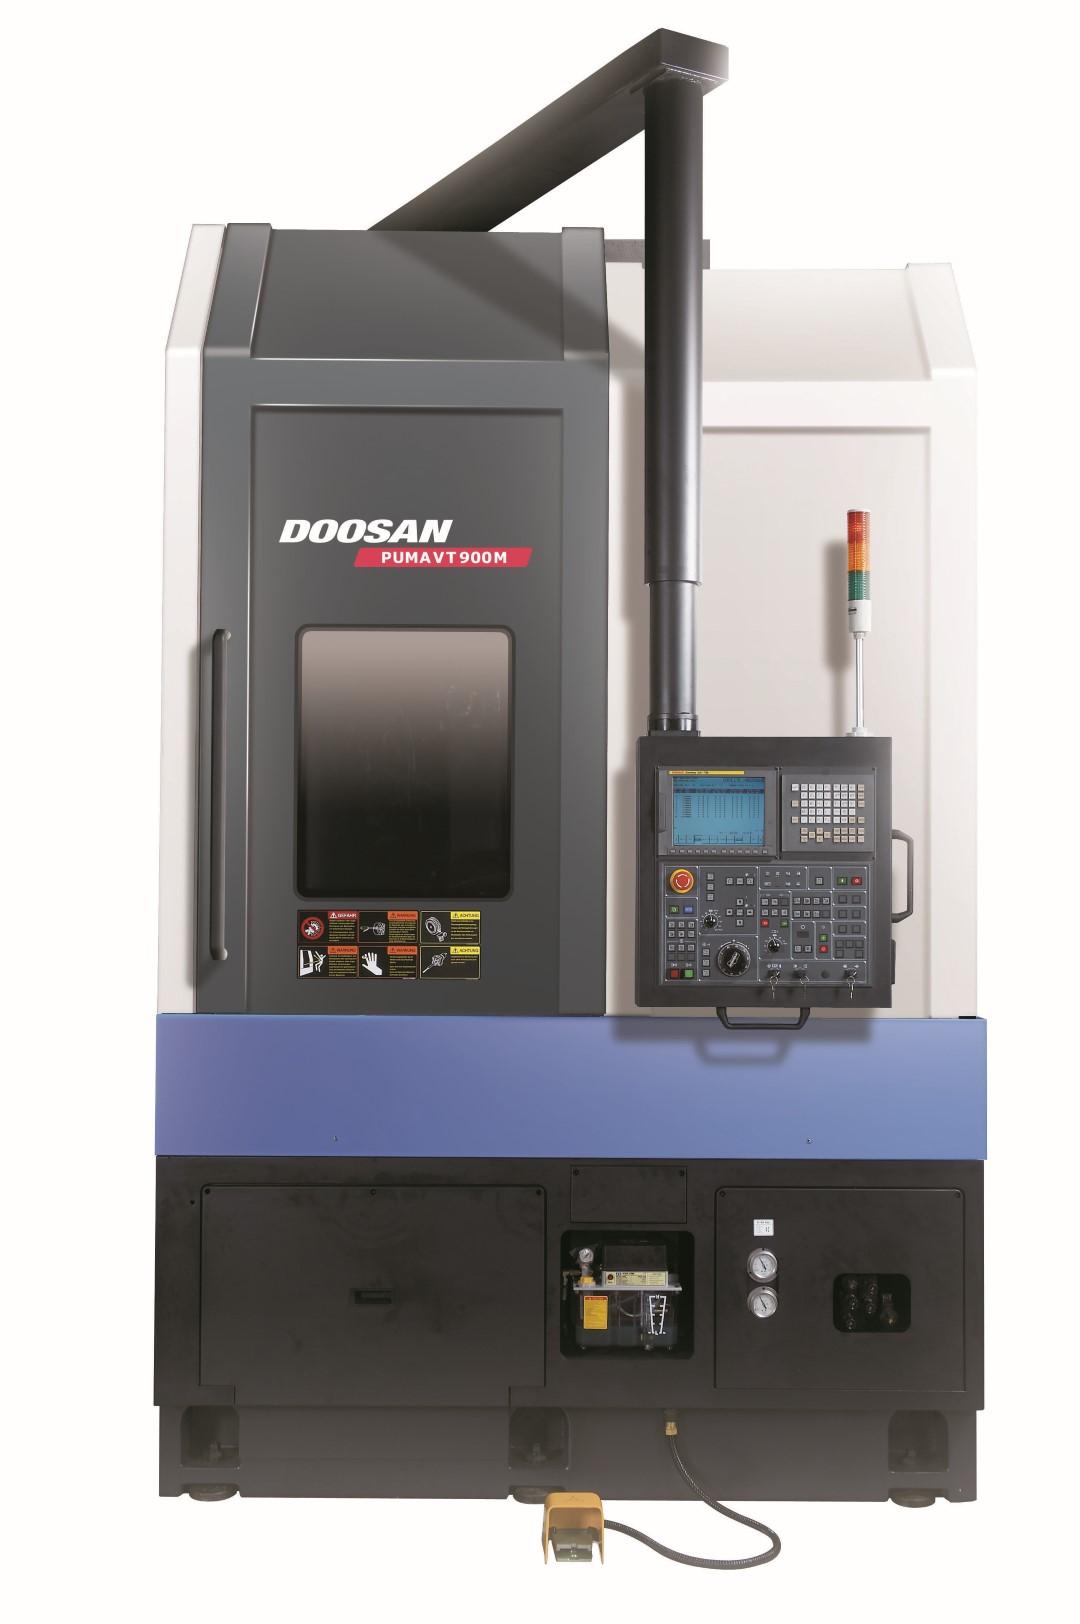 Doosan PUMA VT900